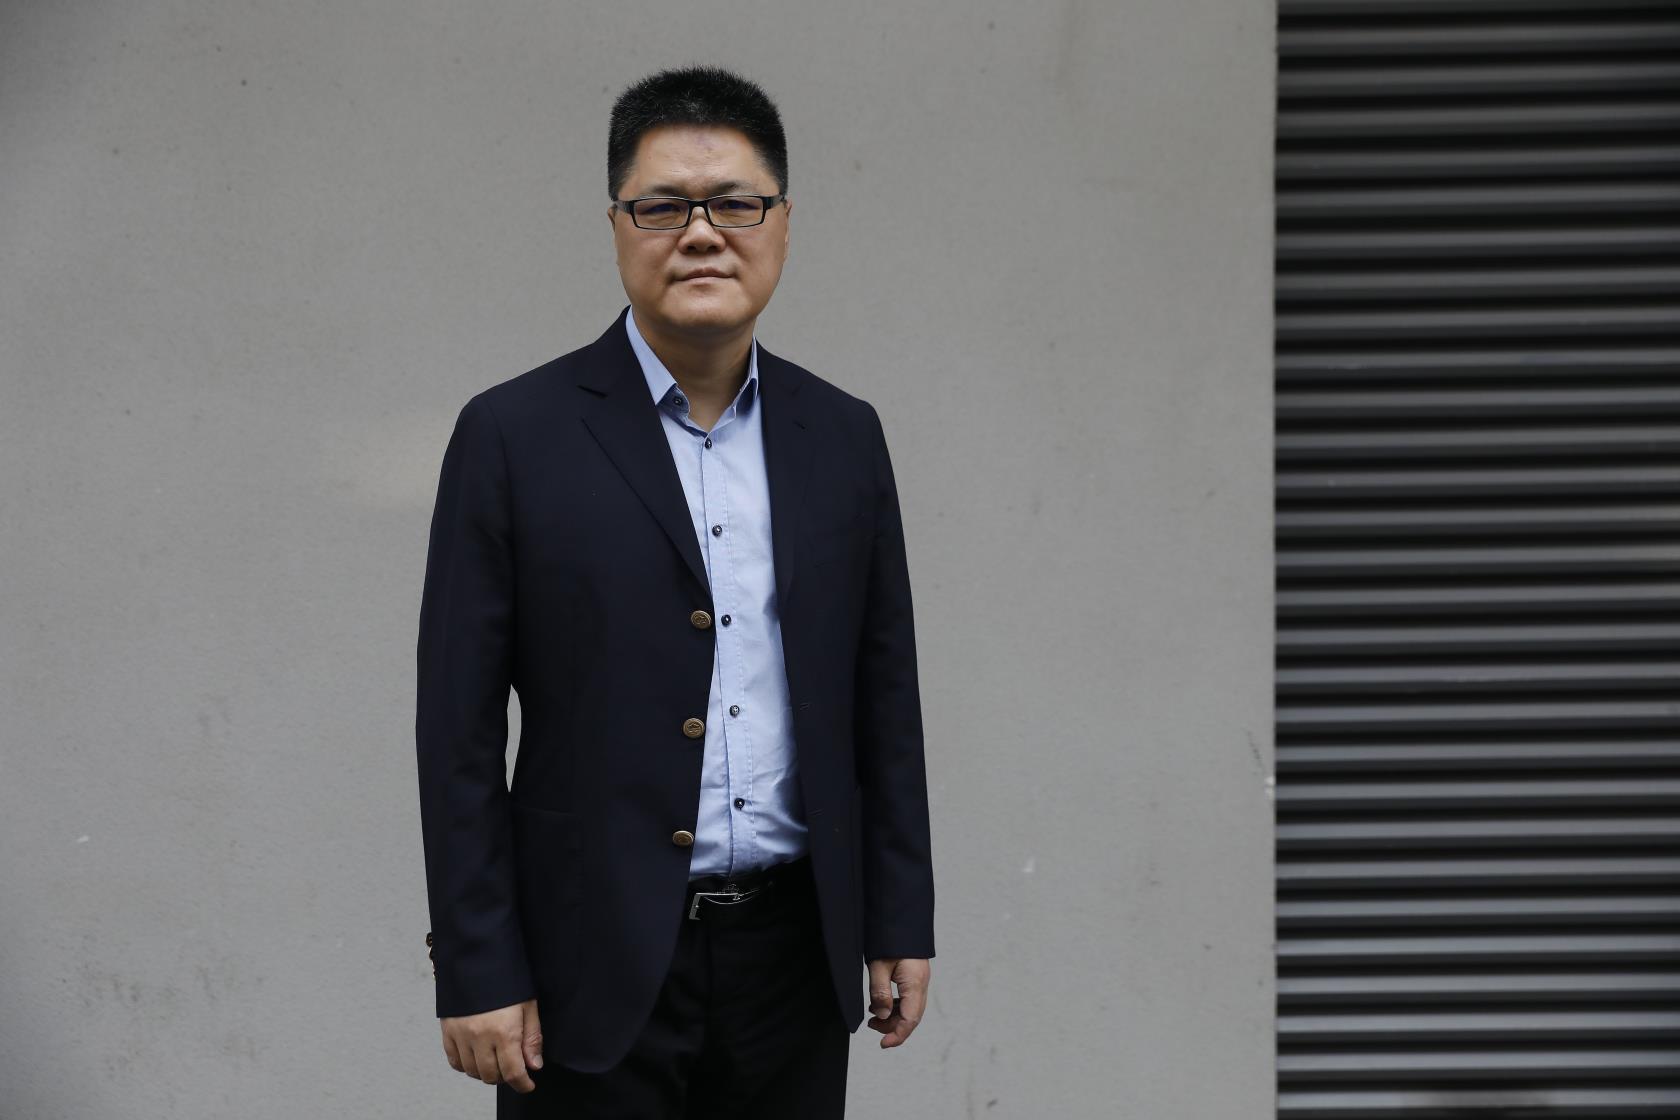 吉利莲中国总代理商魏文忠 :进口博览会令人期